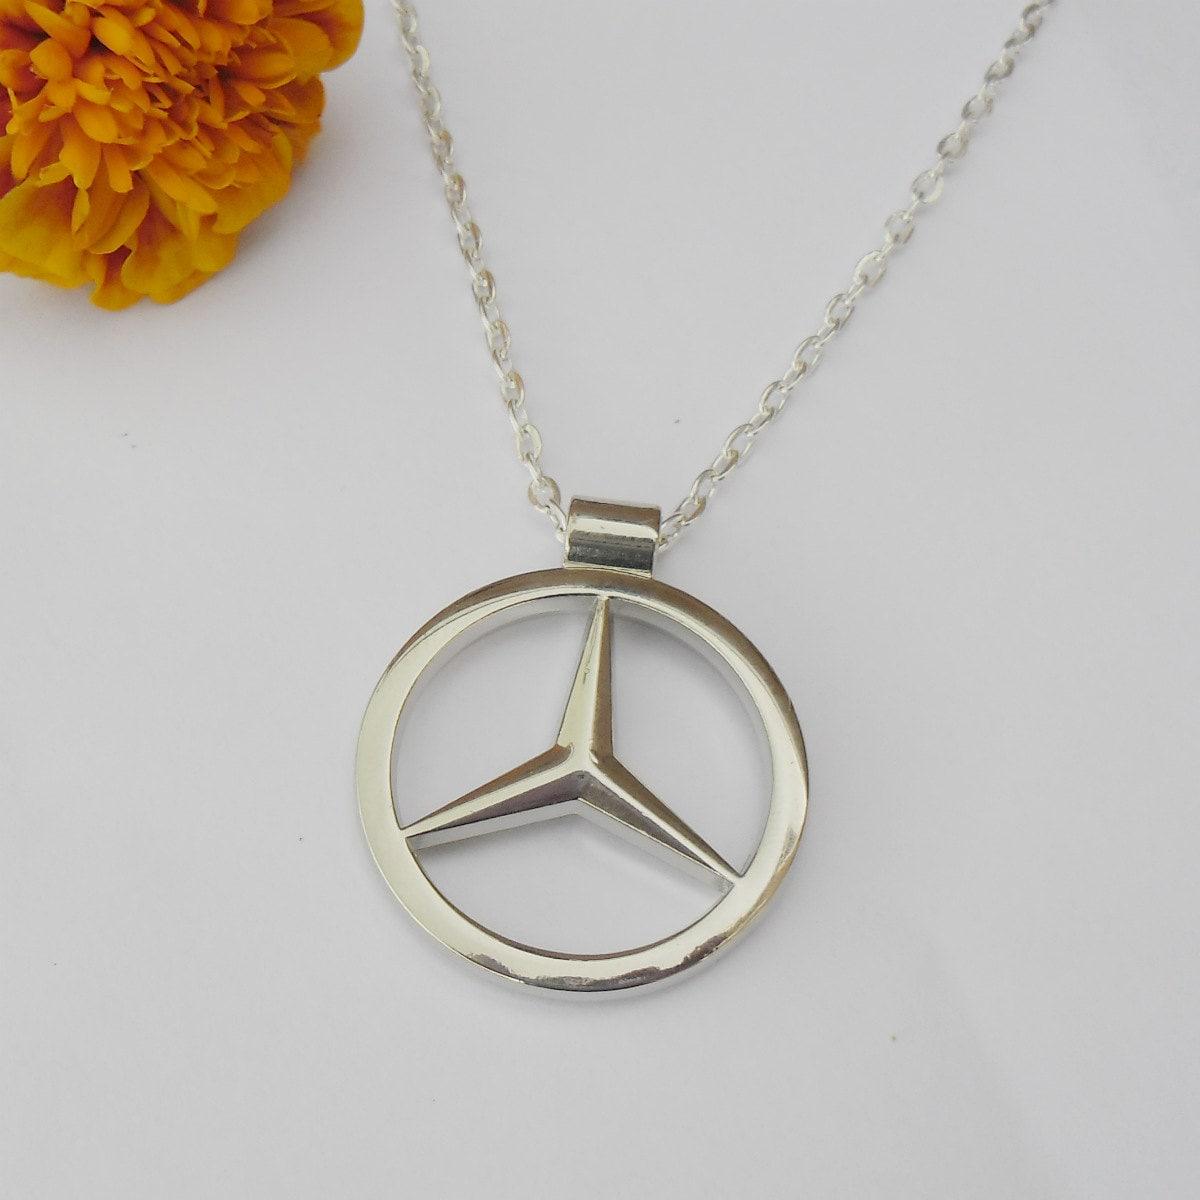 Mercedes benz merc silver necklace pendant or mirror dangler zoom aloadofball Choice Image